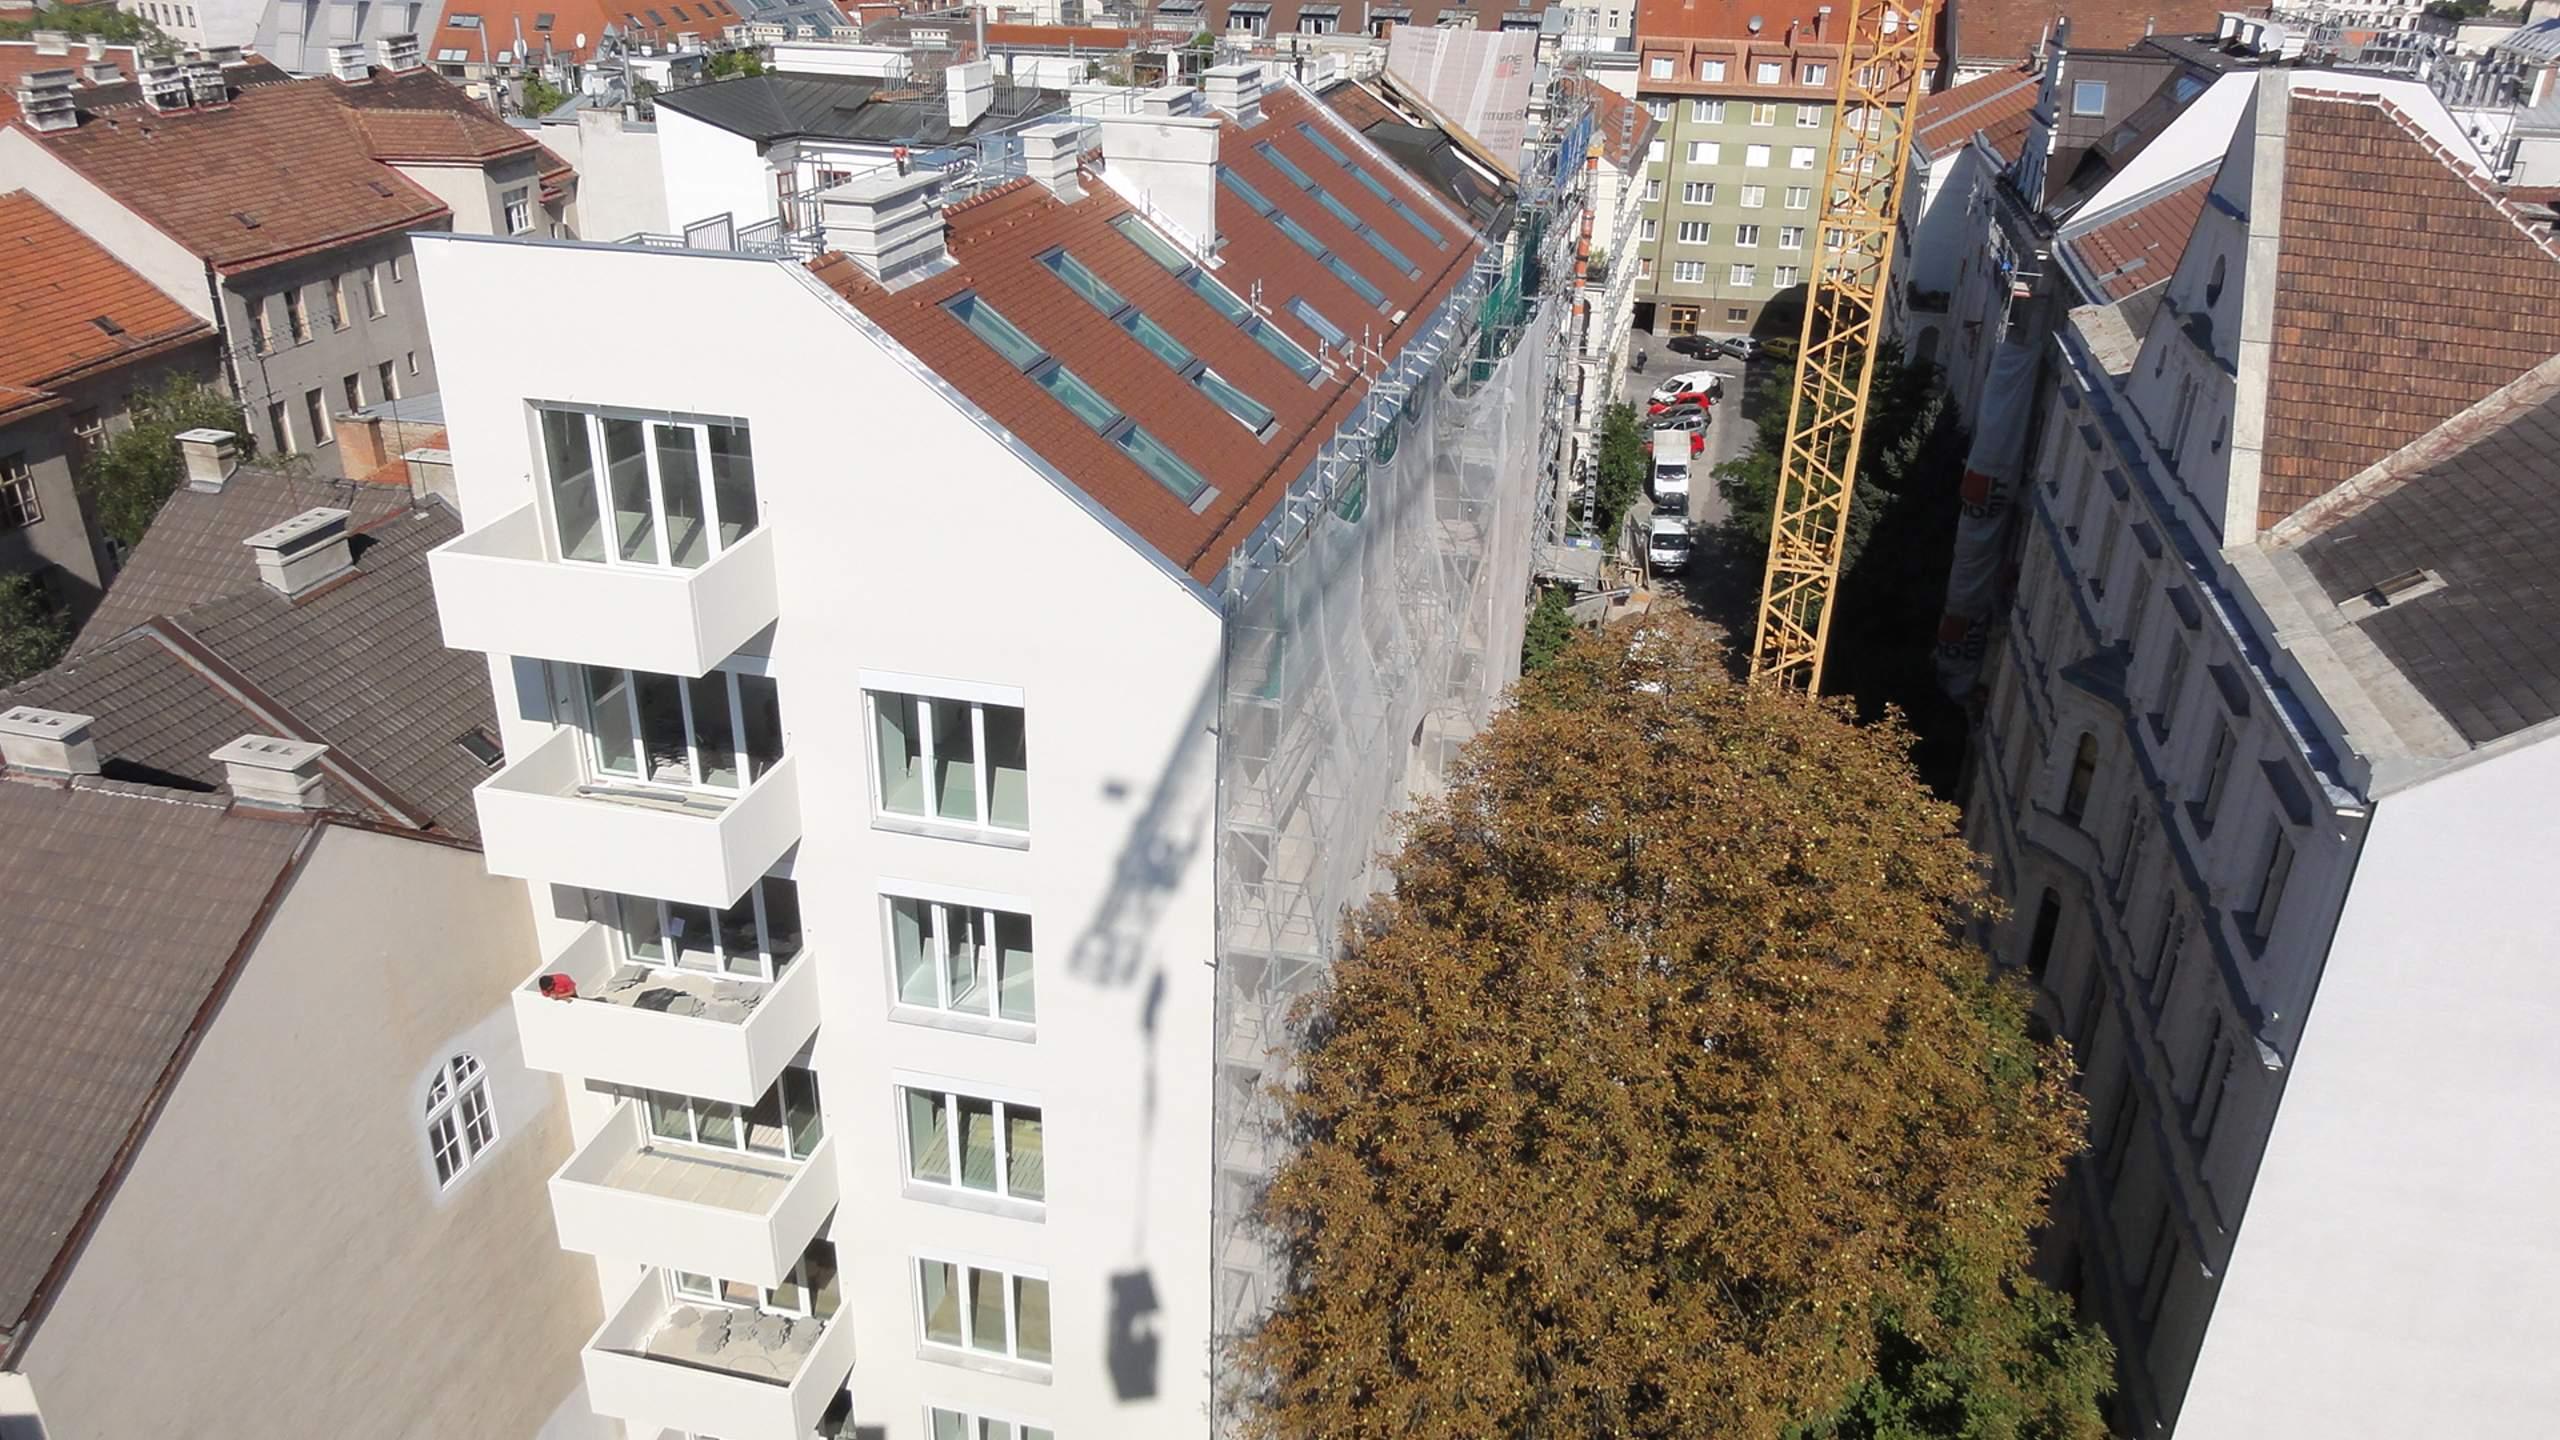 LIEGLER TAKEH ARCHITEKTEN Projekt Zeinlhofergasse Fassade und Balkone in Bau